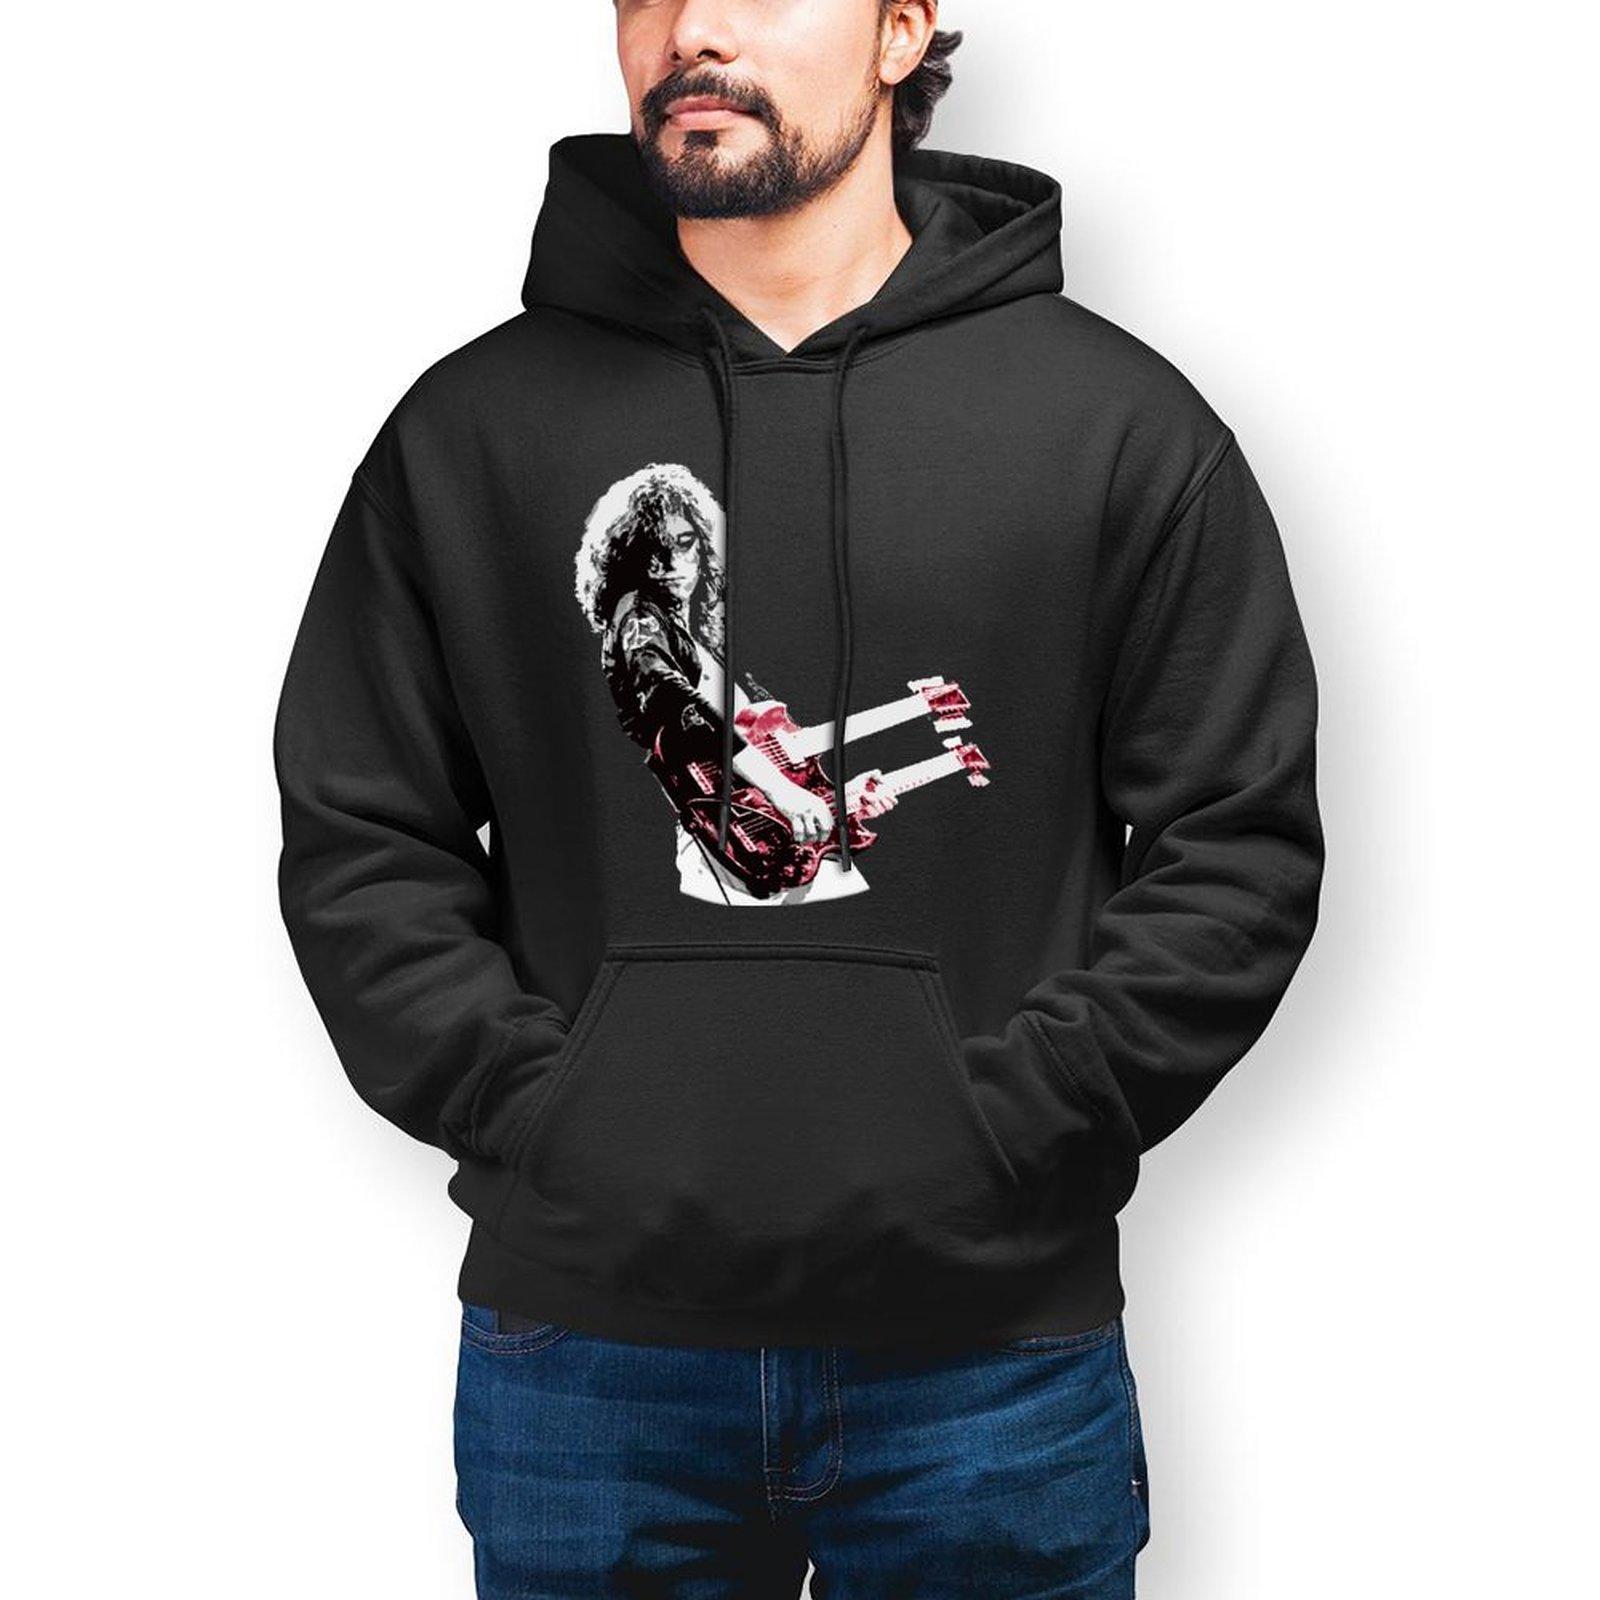 Толстовки из тяжелого металла, хлопковая уличная одежда, пуловер, толстовка, зимняя длинная Стильная мужская Толстовка XL